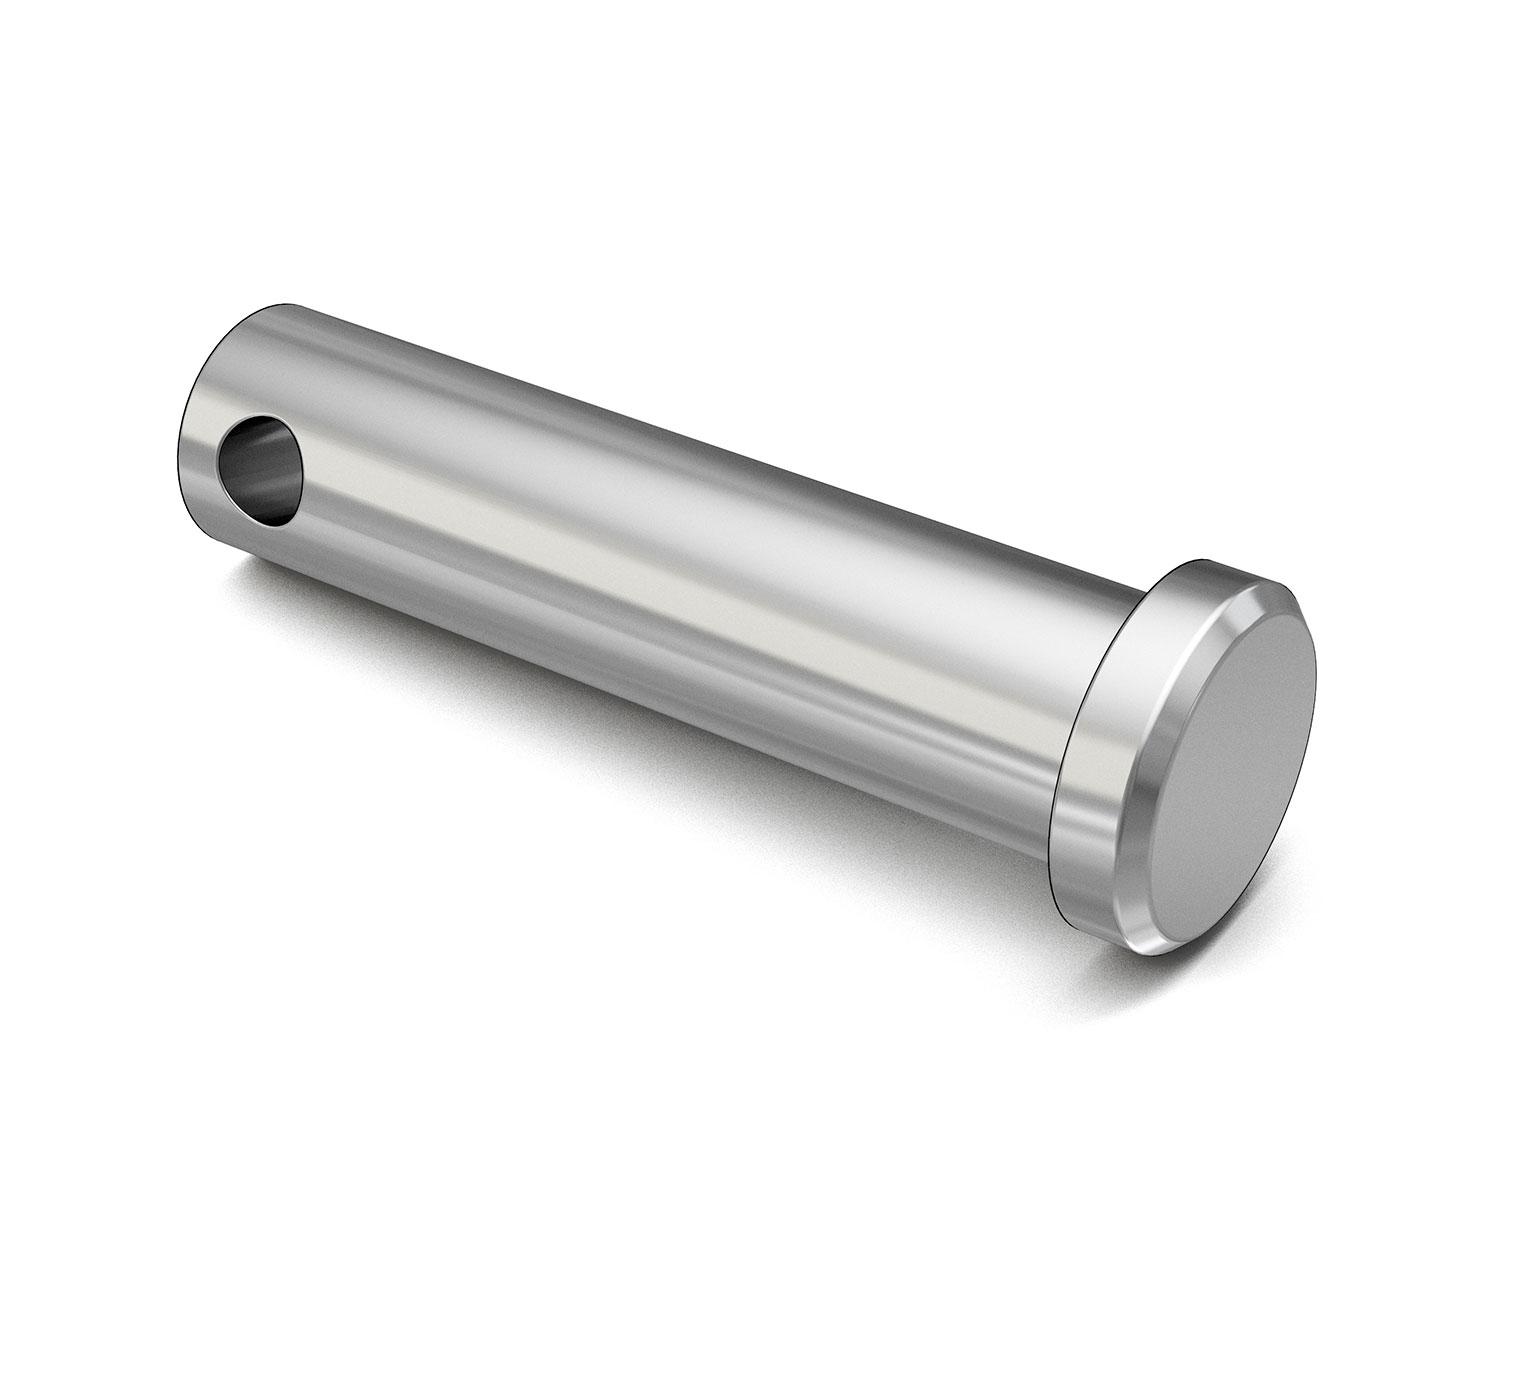 29558 Steel Clevis Pin - 1.625 x 0.5 in alt 1